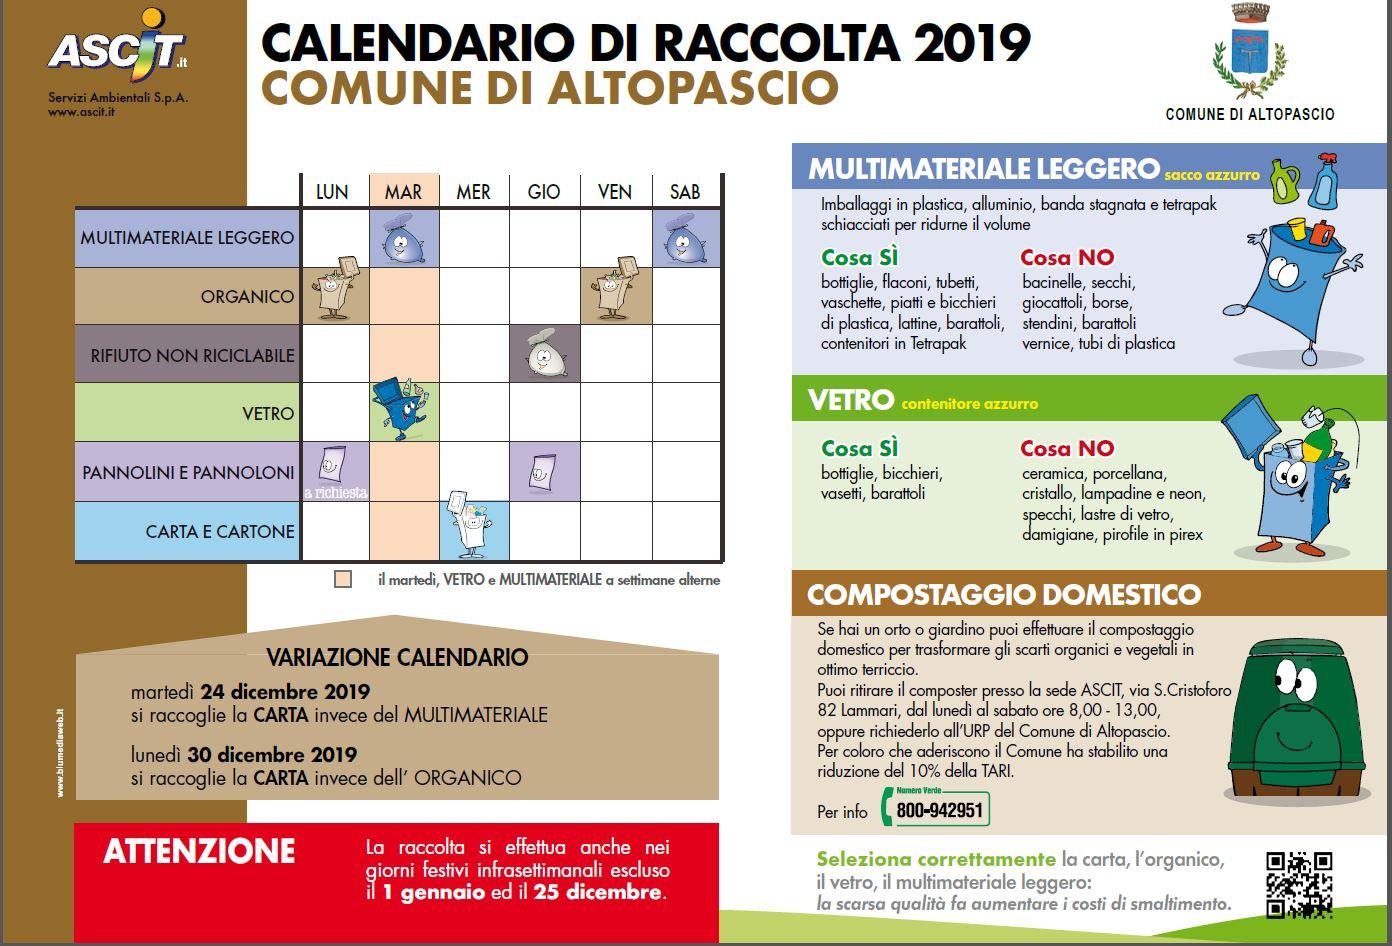 Calendario Raccolta.Avviso Calendario Raccolta 2019 Comune Di Altopascio